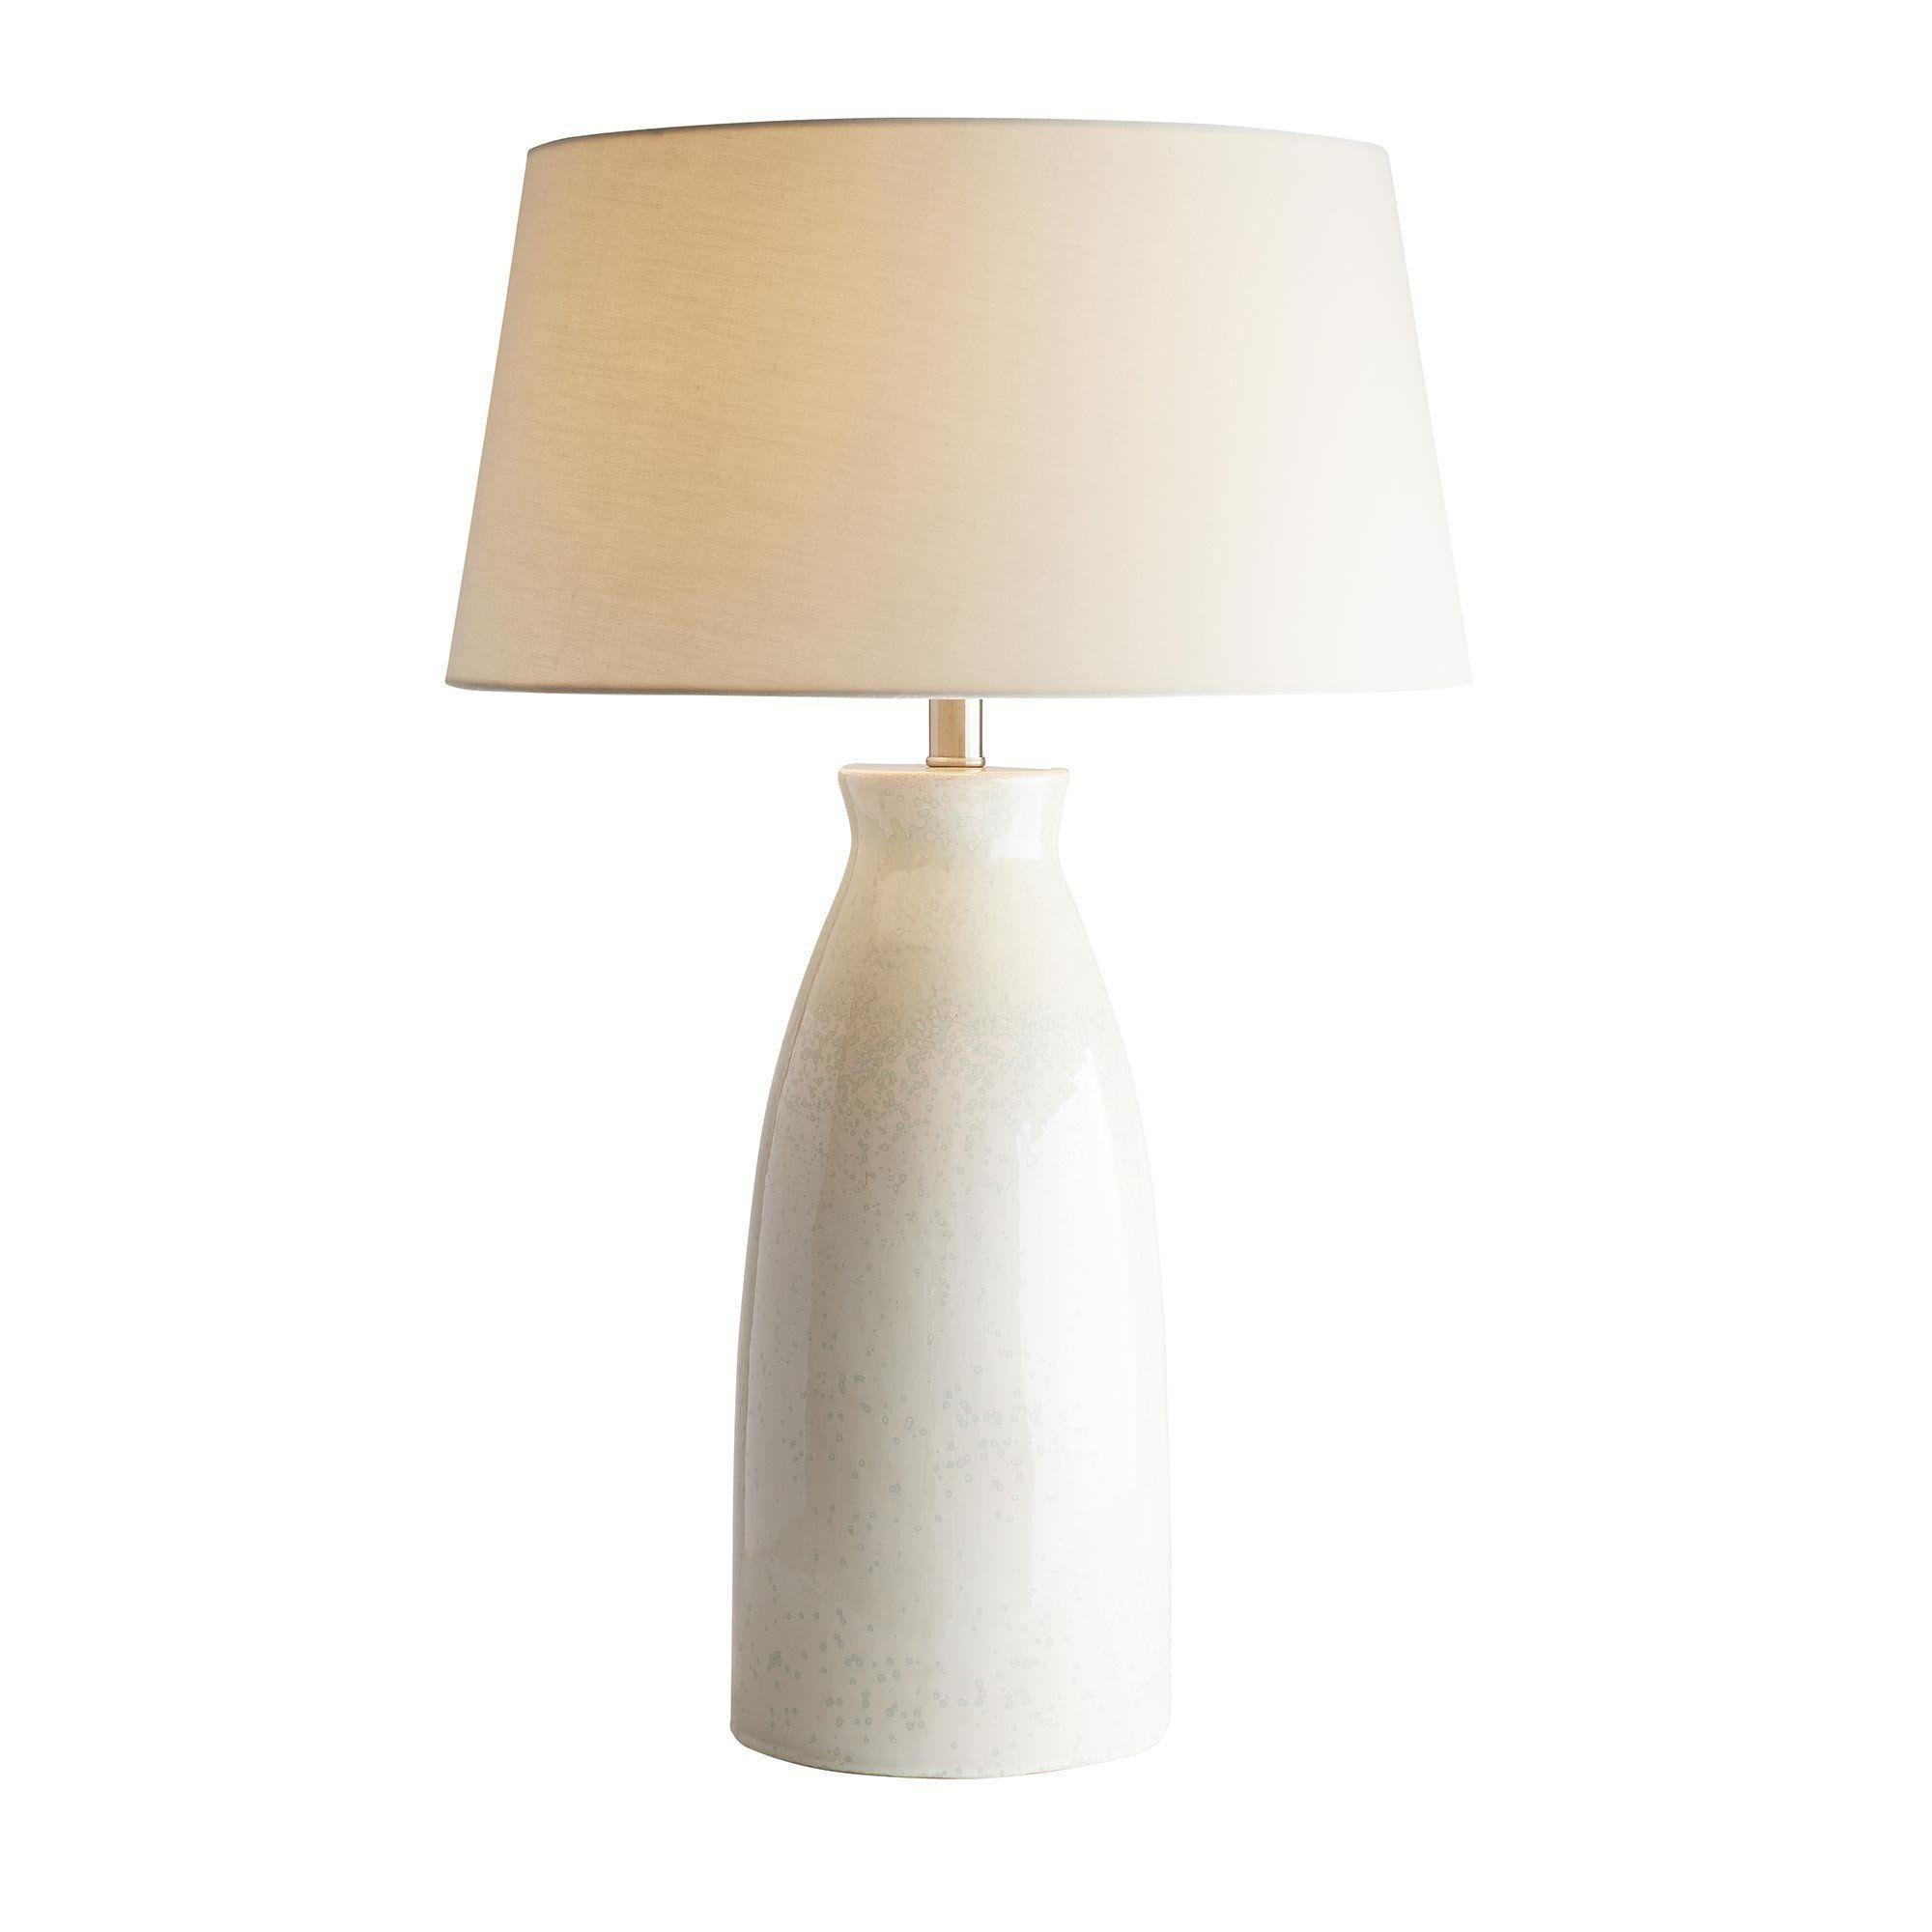 Arteriors Kenya Table Lamp Table Lamp Drum Shade Shop Lighting